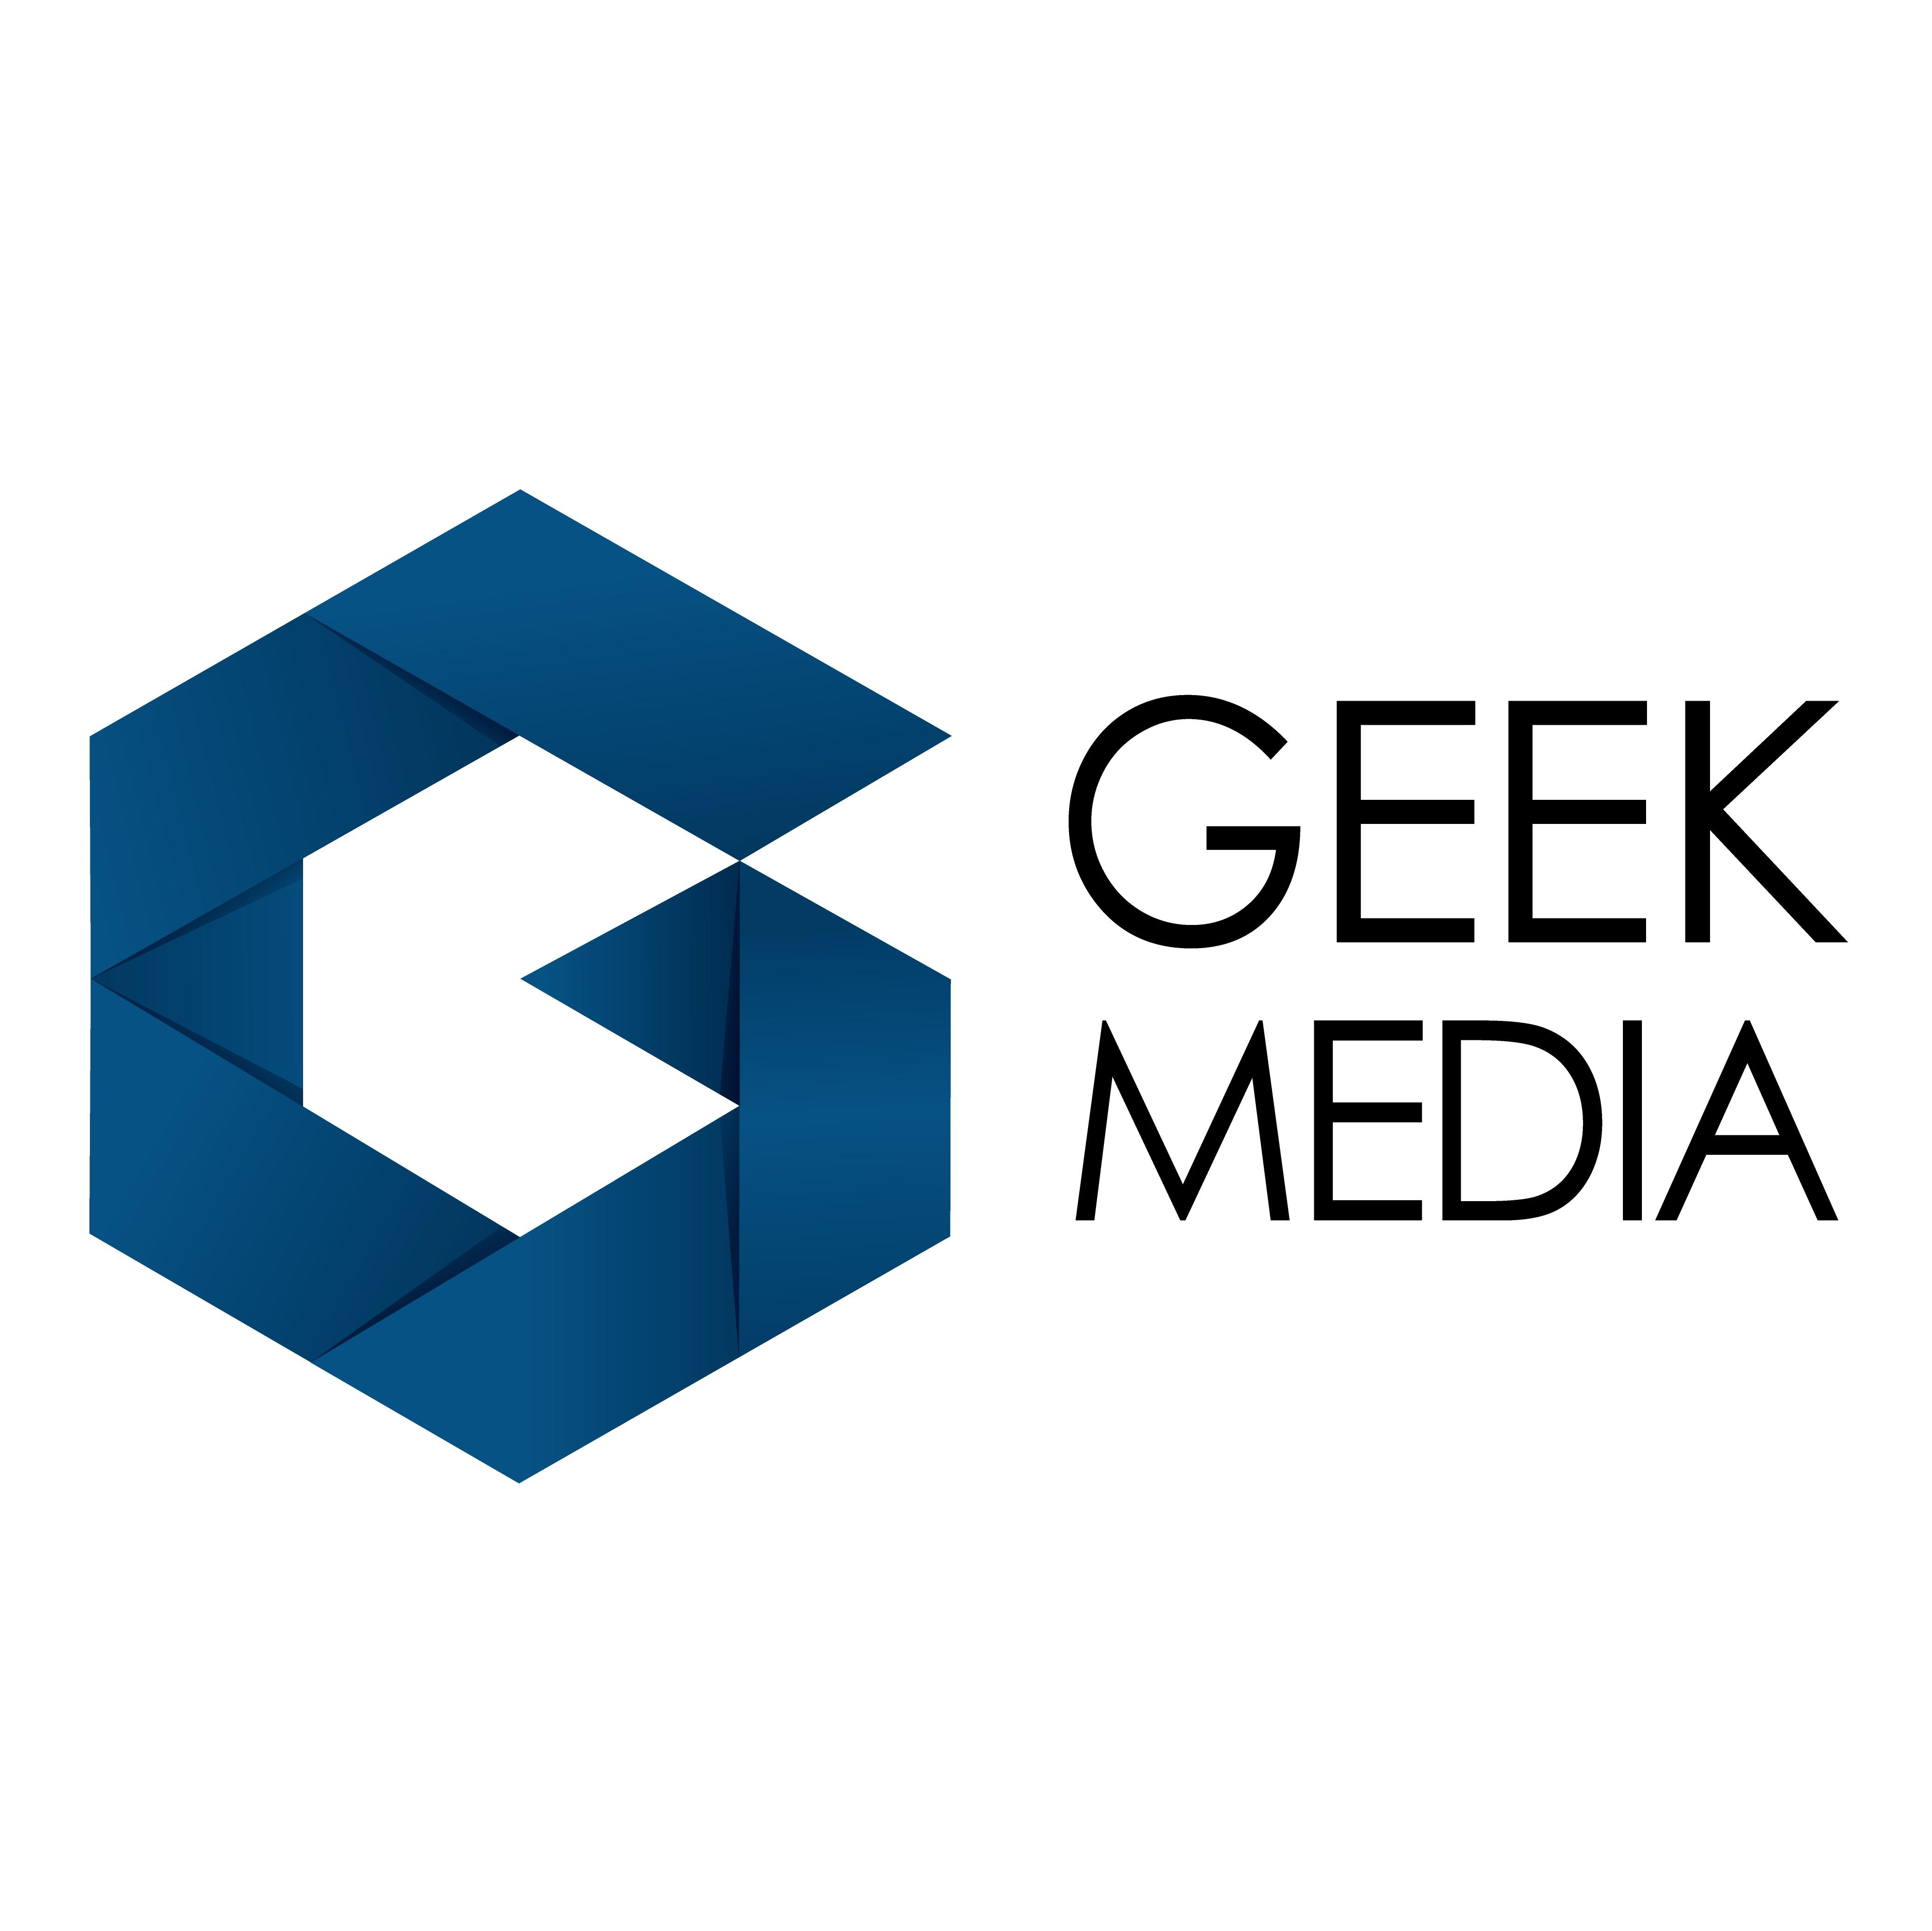 Geek Media